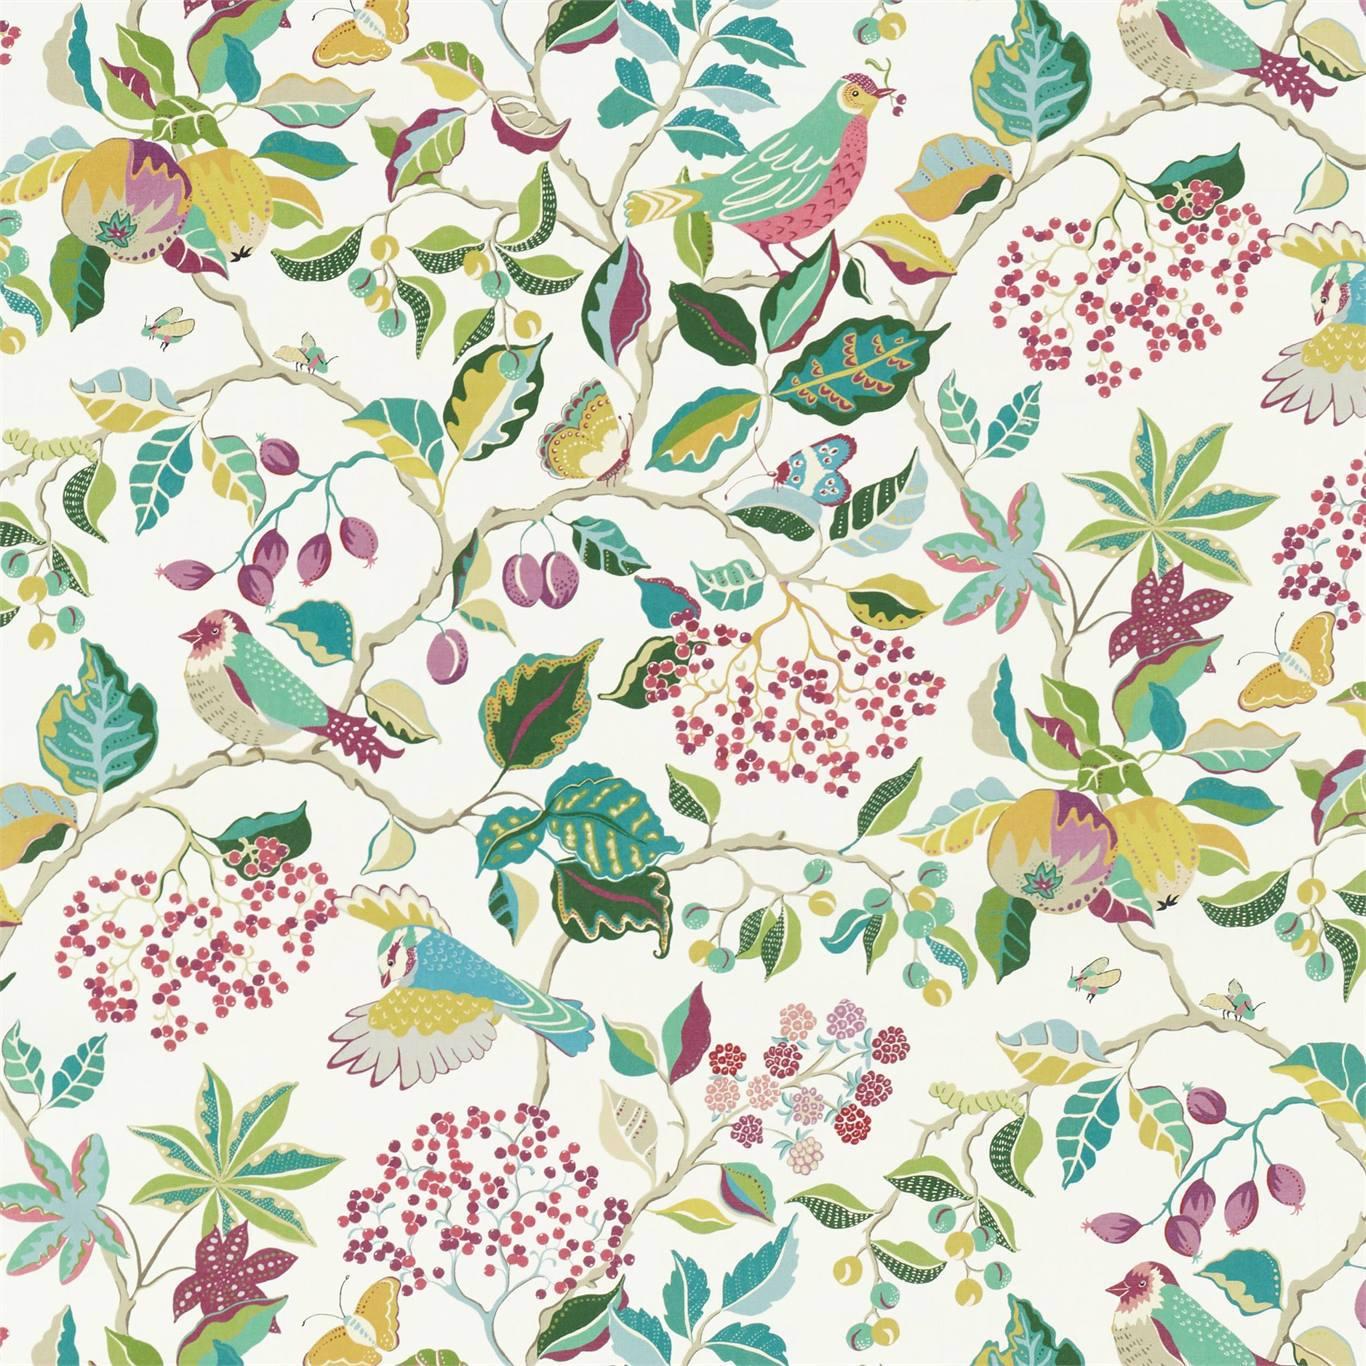 Birds & Berries by SAN